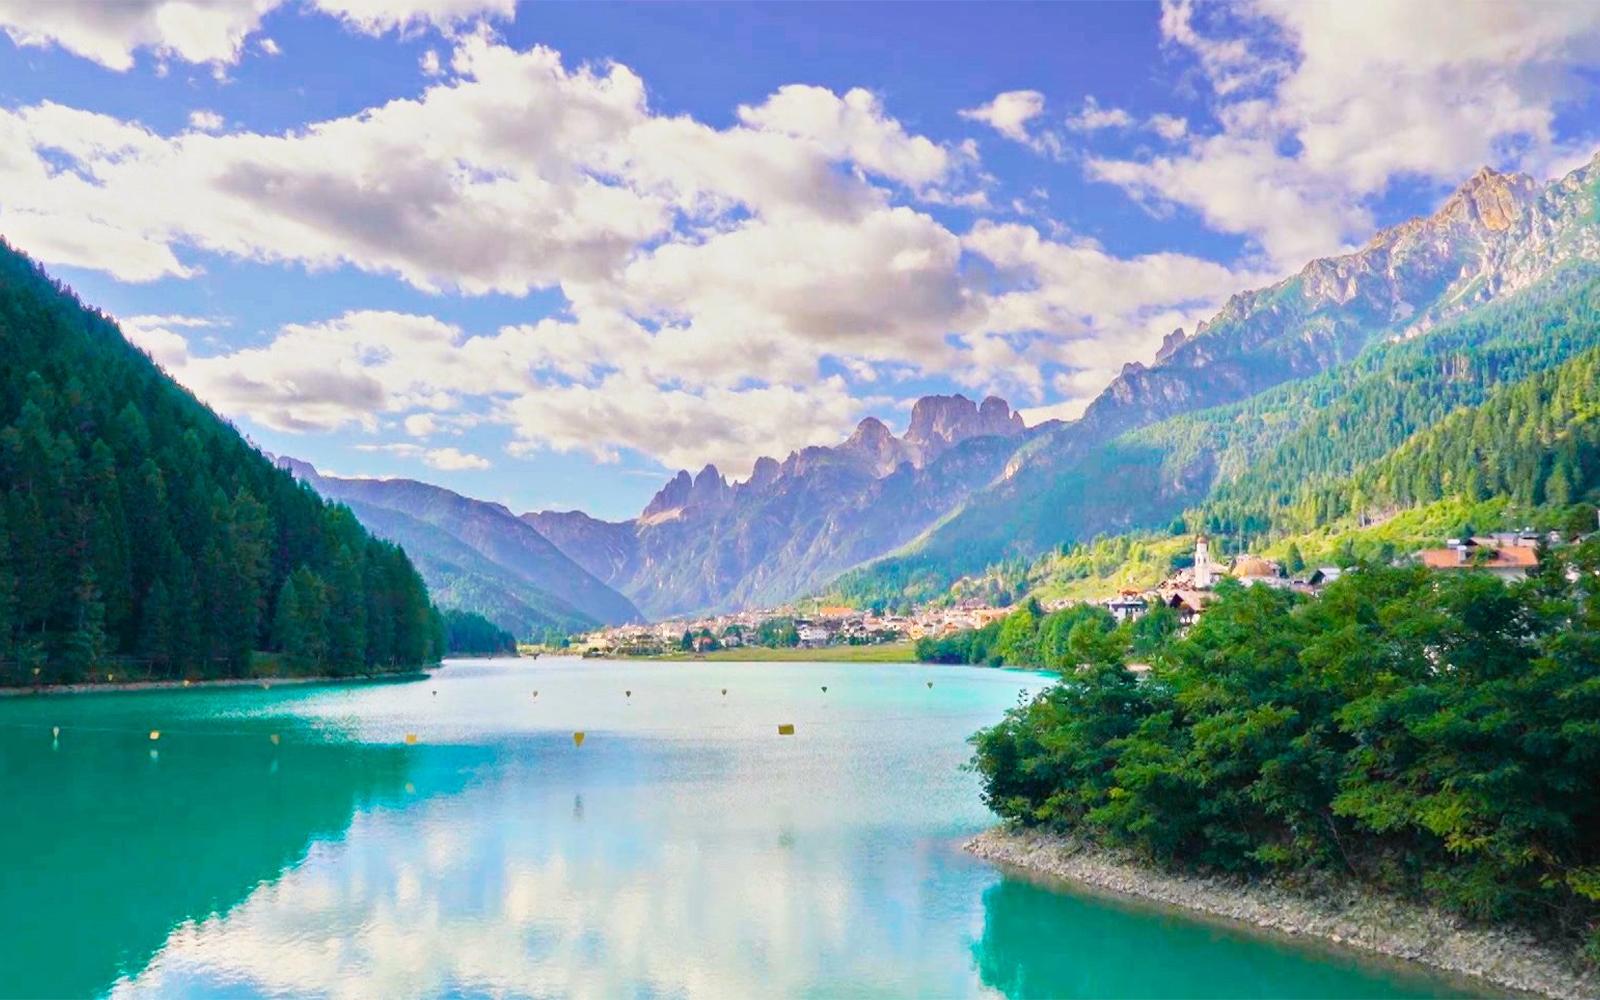 Lago1Dolomiti28Lug2020.jpg